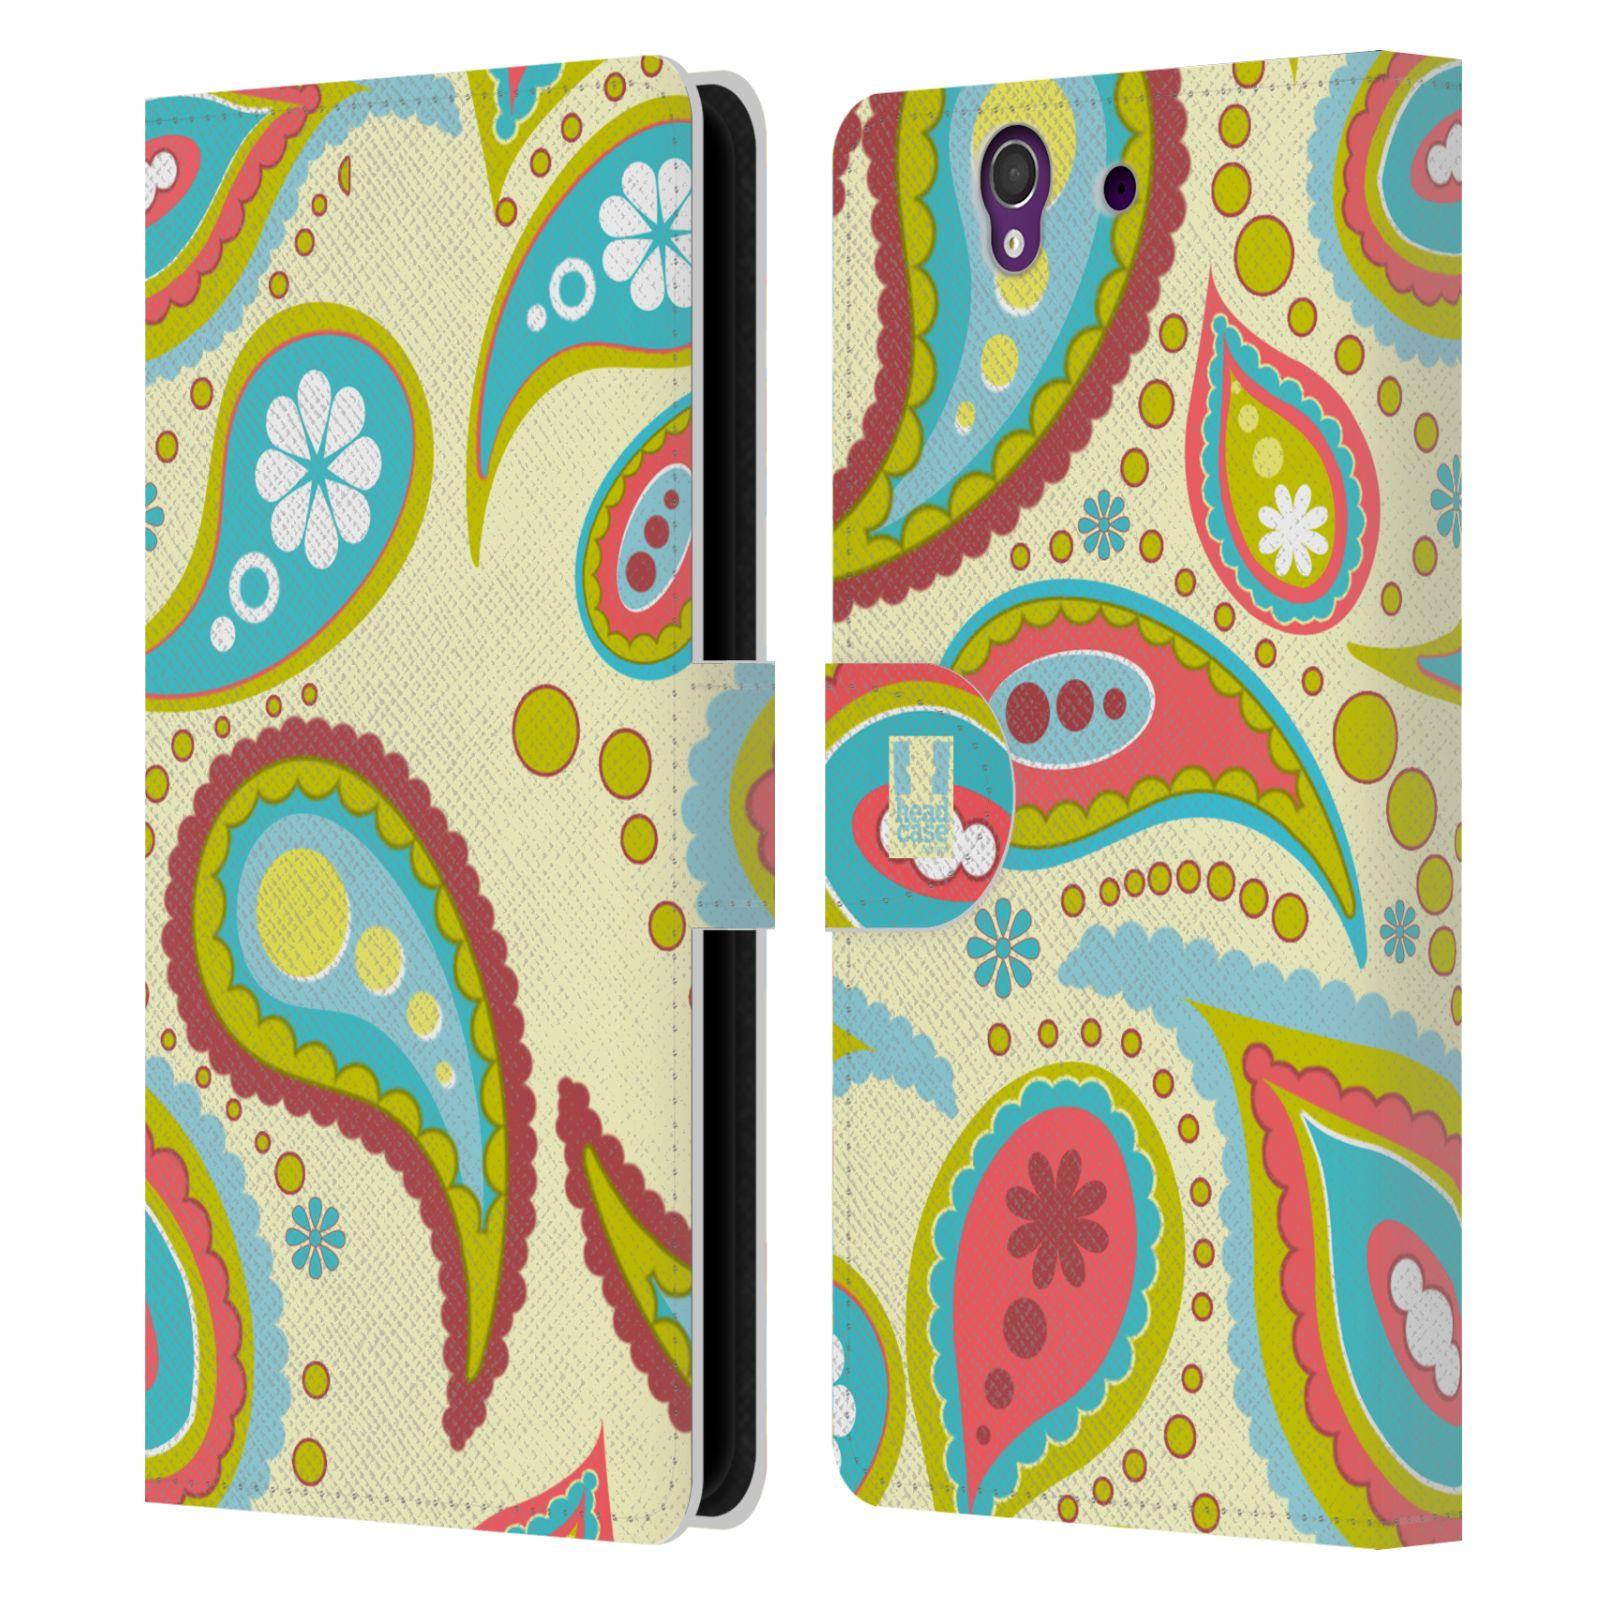 HEAD CASE Flipové pouzdro pro mobil SONY XPERIA Z (C6603) barevné slzy krémová